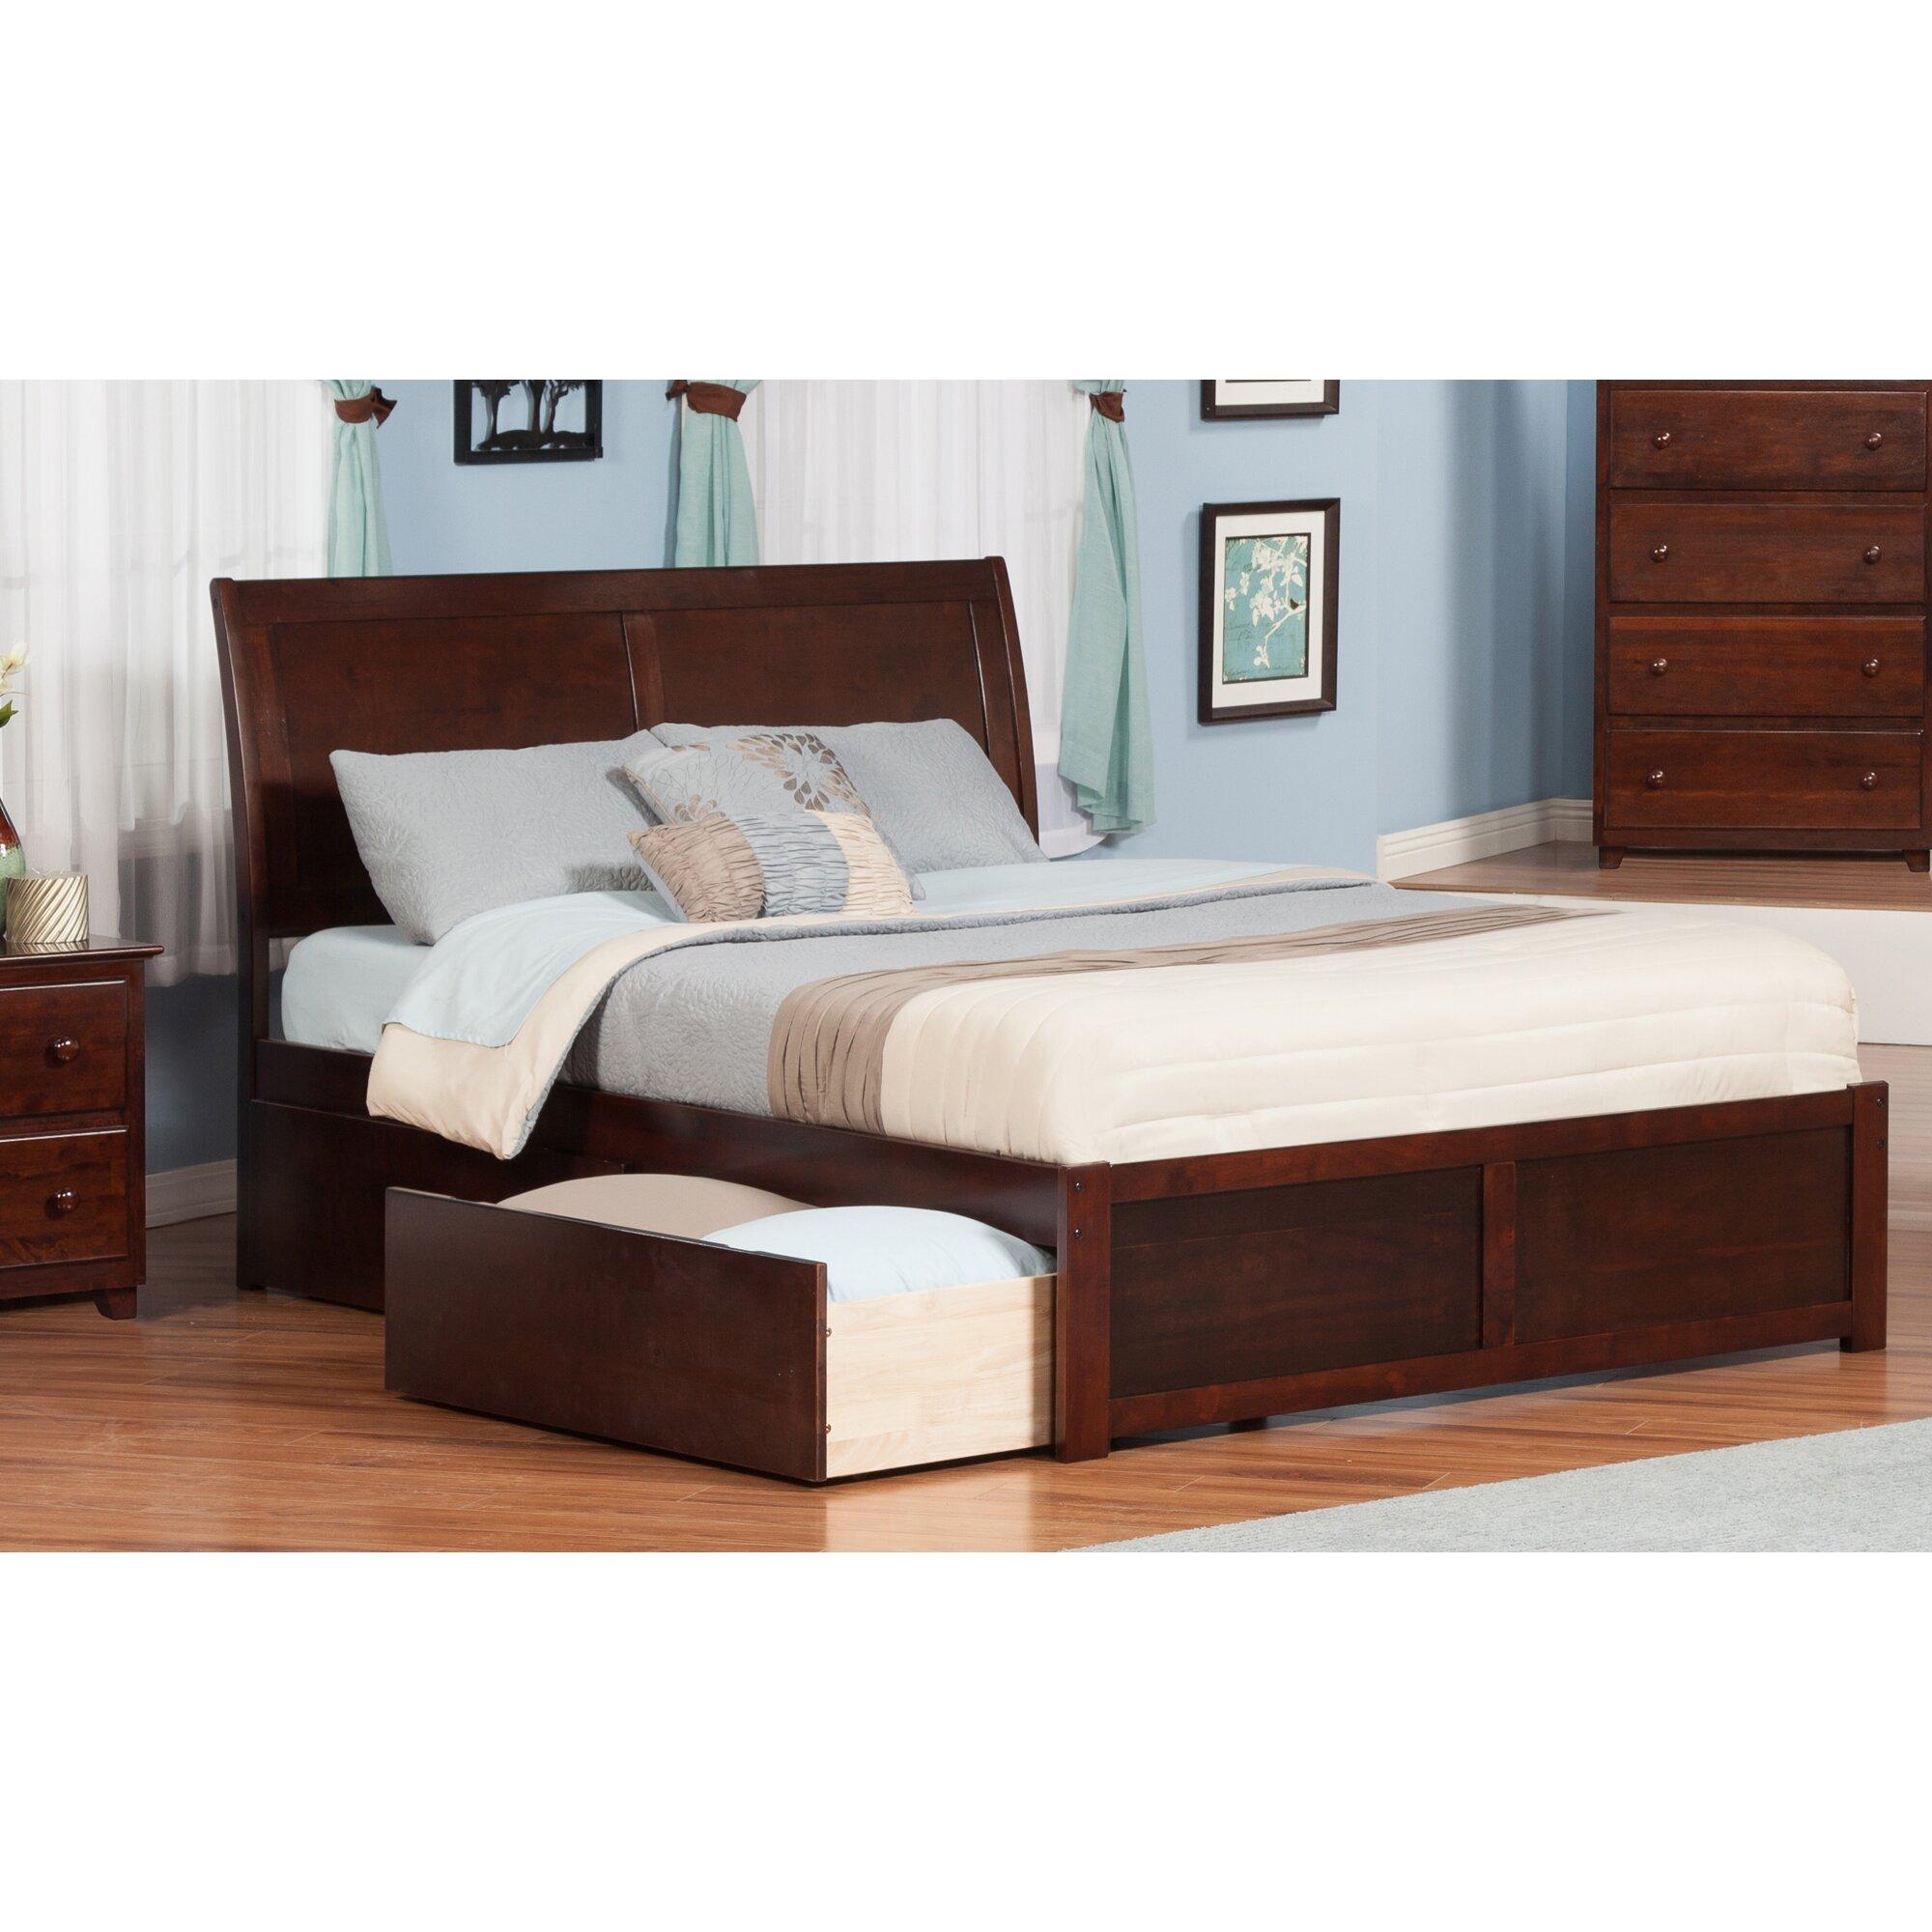 atlantic furniture portland king storage platform bed reviews wayfair. Black Bedroom Furniture Sets. Home Design Ideas